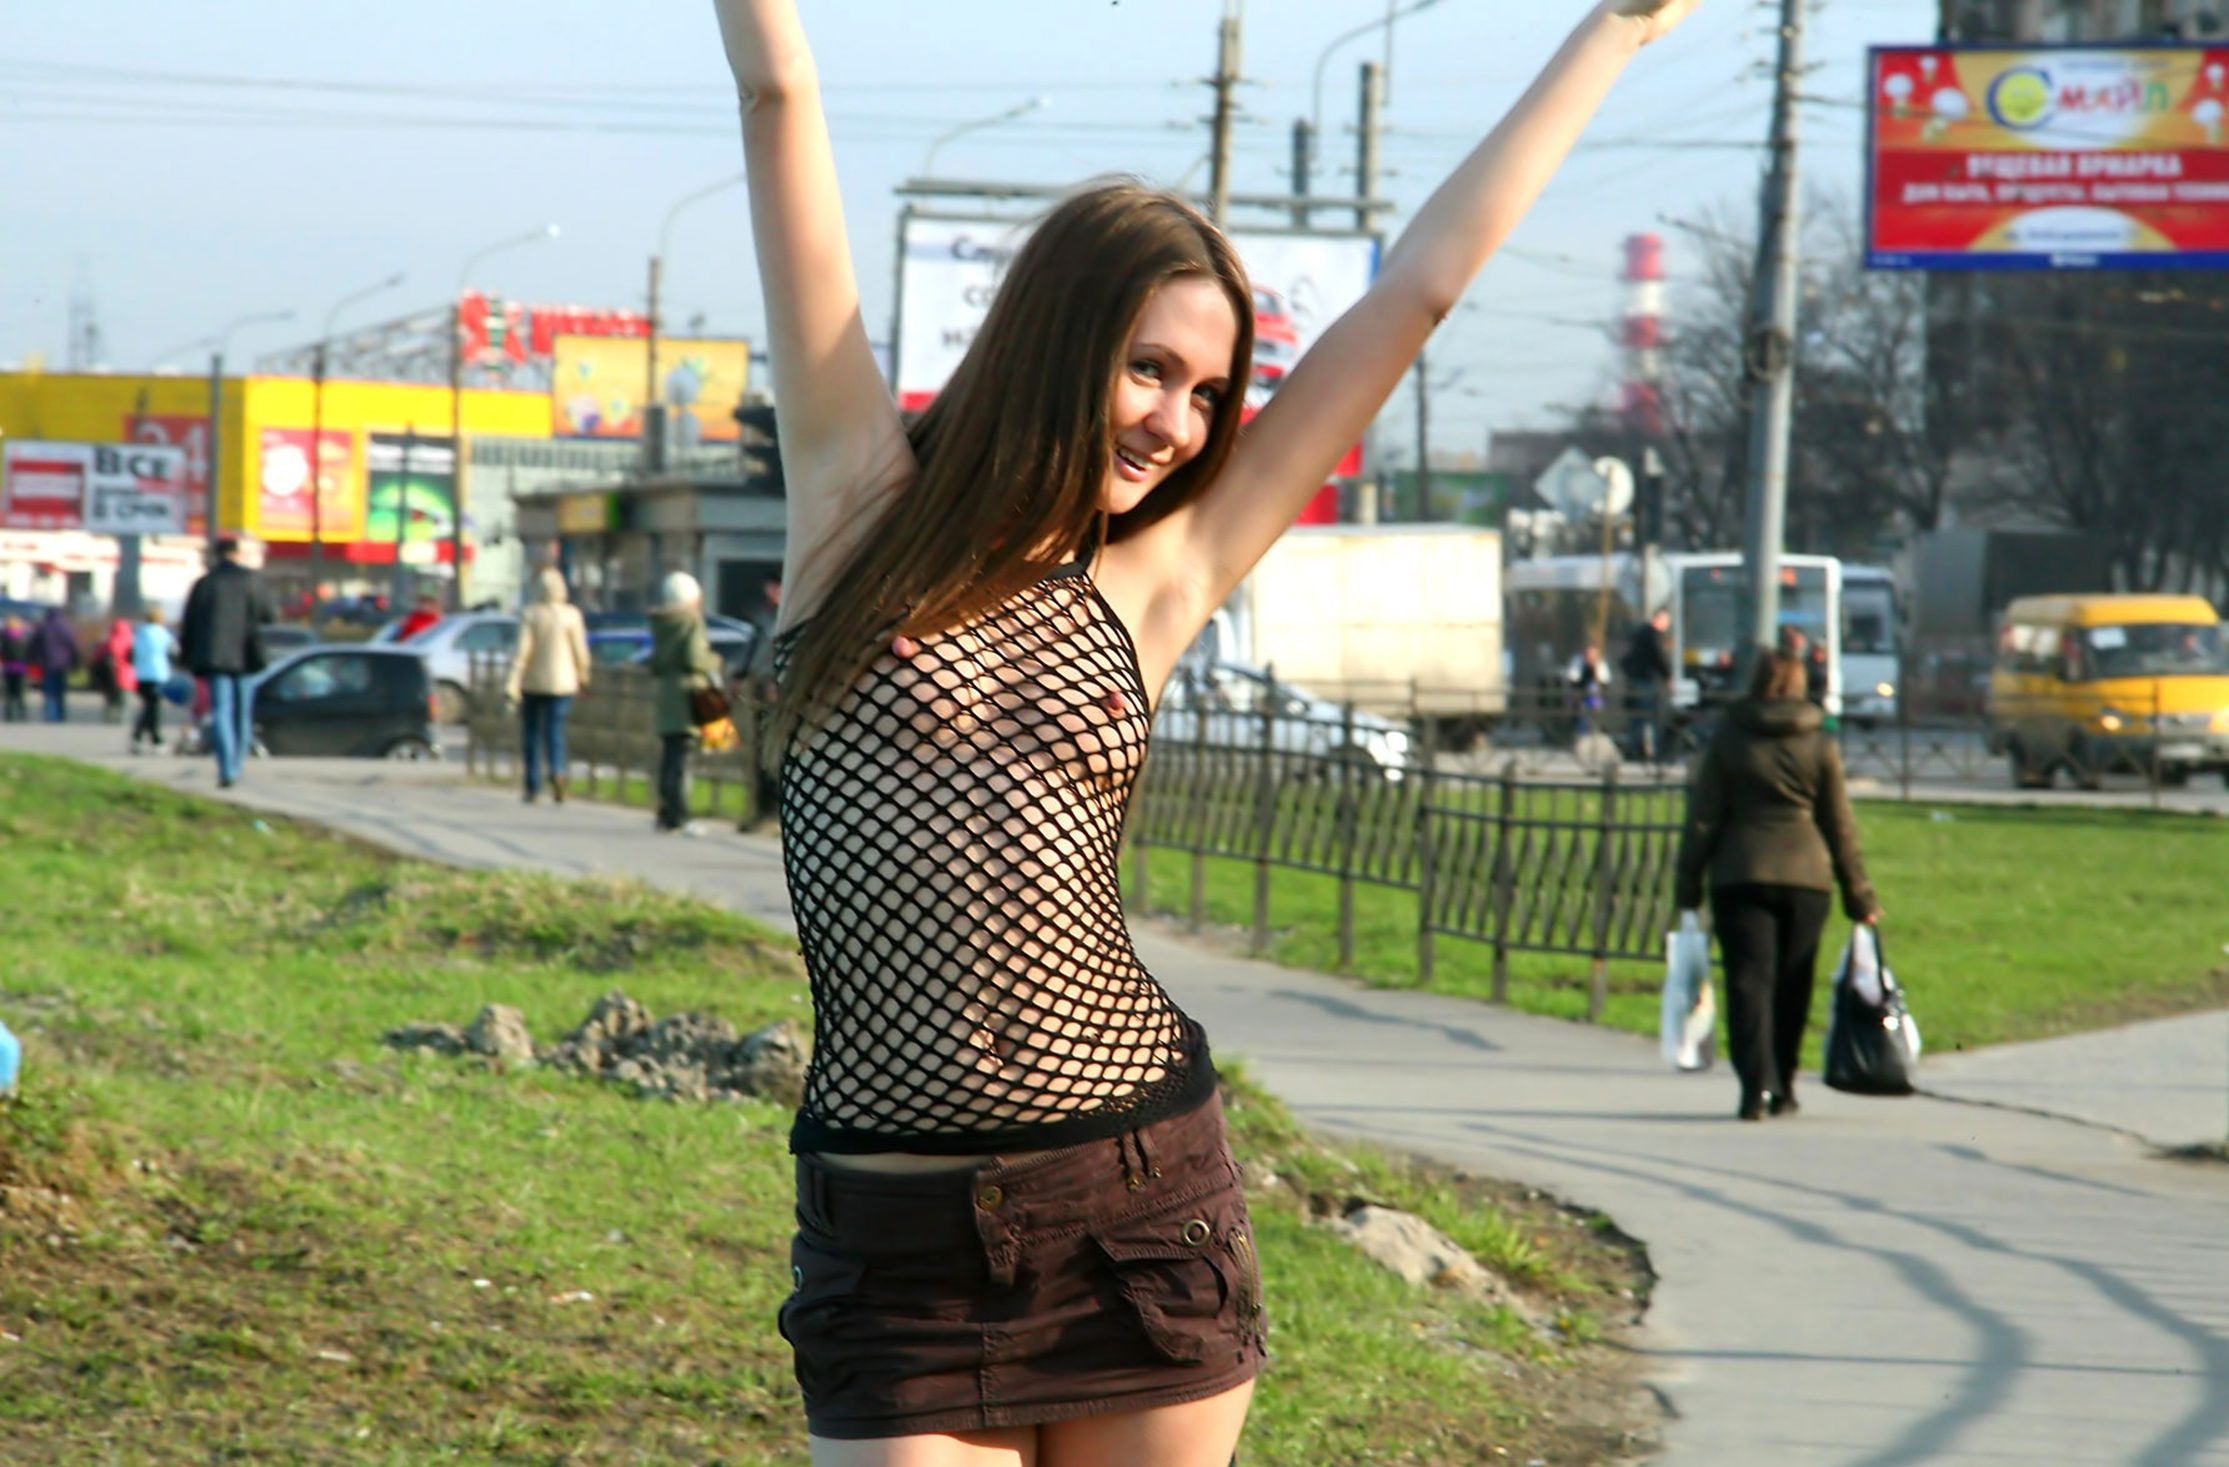 russkie-krasotki-gulyayut-po-polnoy-moe-foto-porno